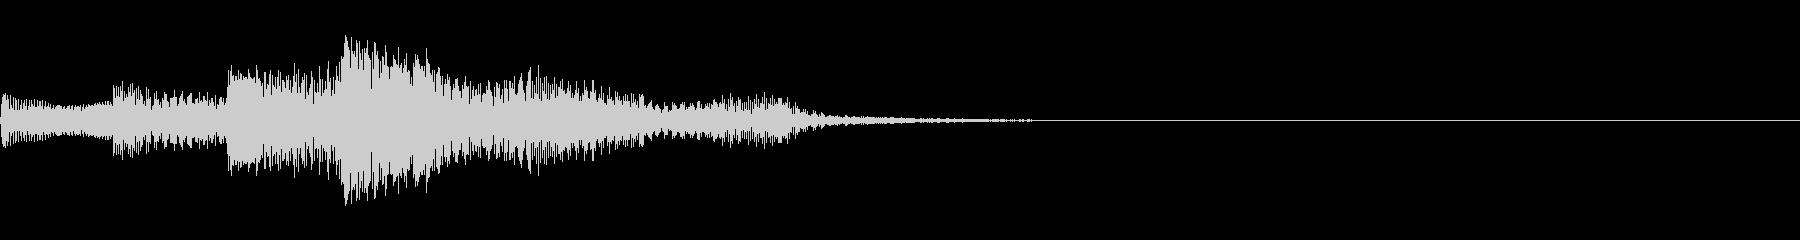 ワンポイント、インフォメーションA01の未再生の波形